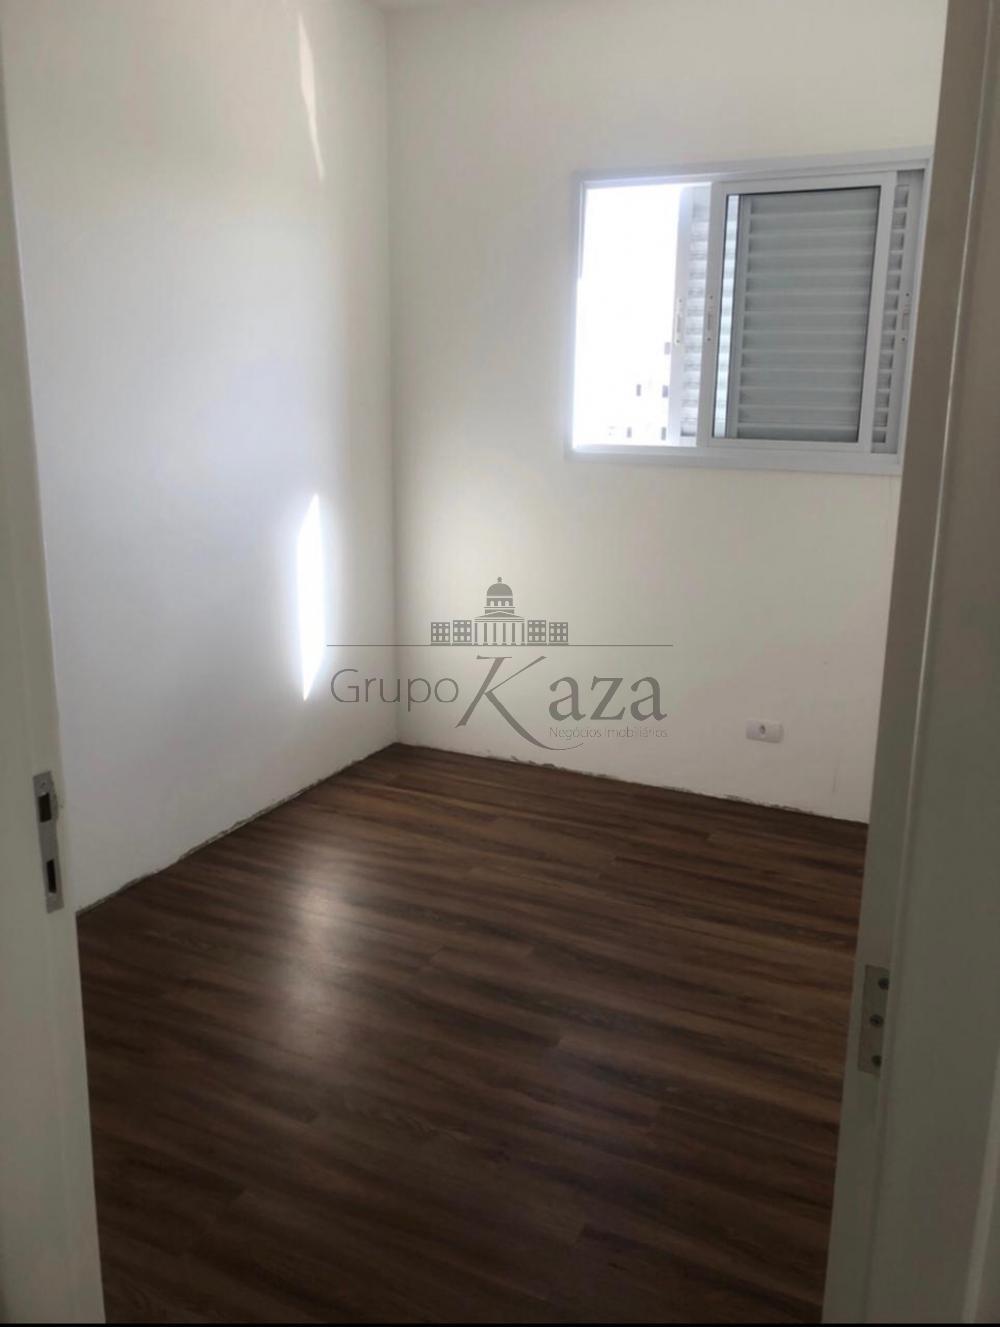 alt='Comprar Apartamento / Padrão em Jacareí R$ 380.000,00 - Foto 10' title='Comprar Apartamento / Padrão em Jacareí R$ 380.000,00 - Foto 10'